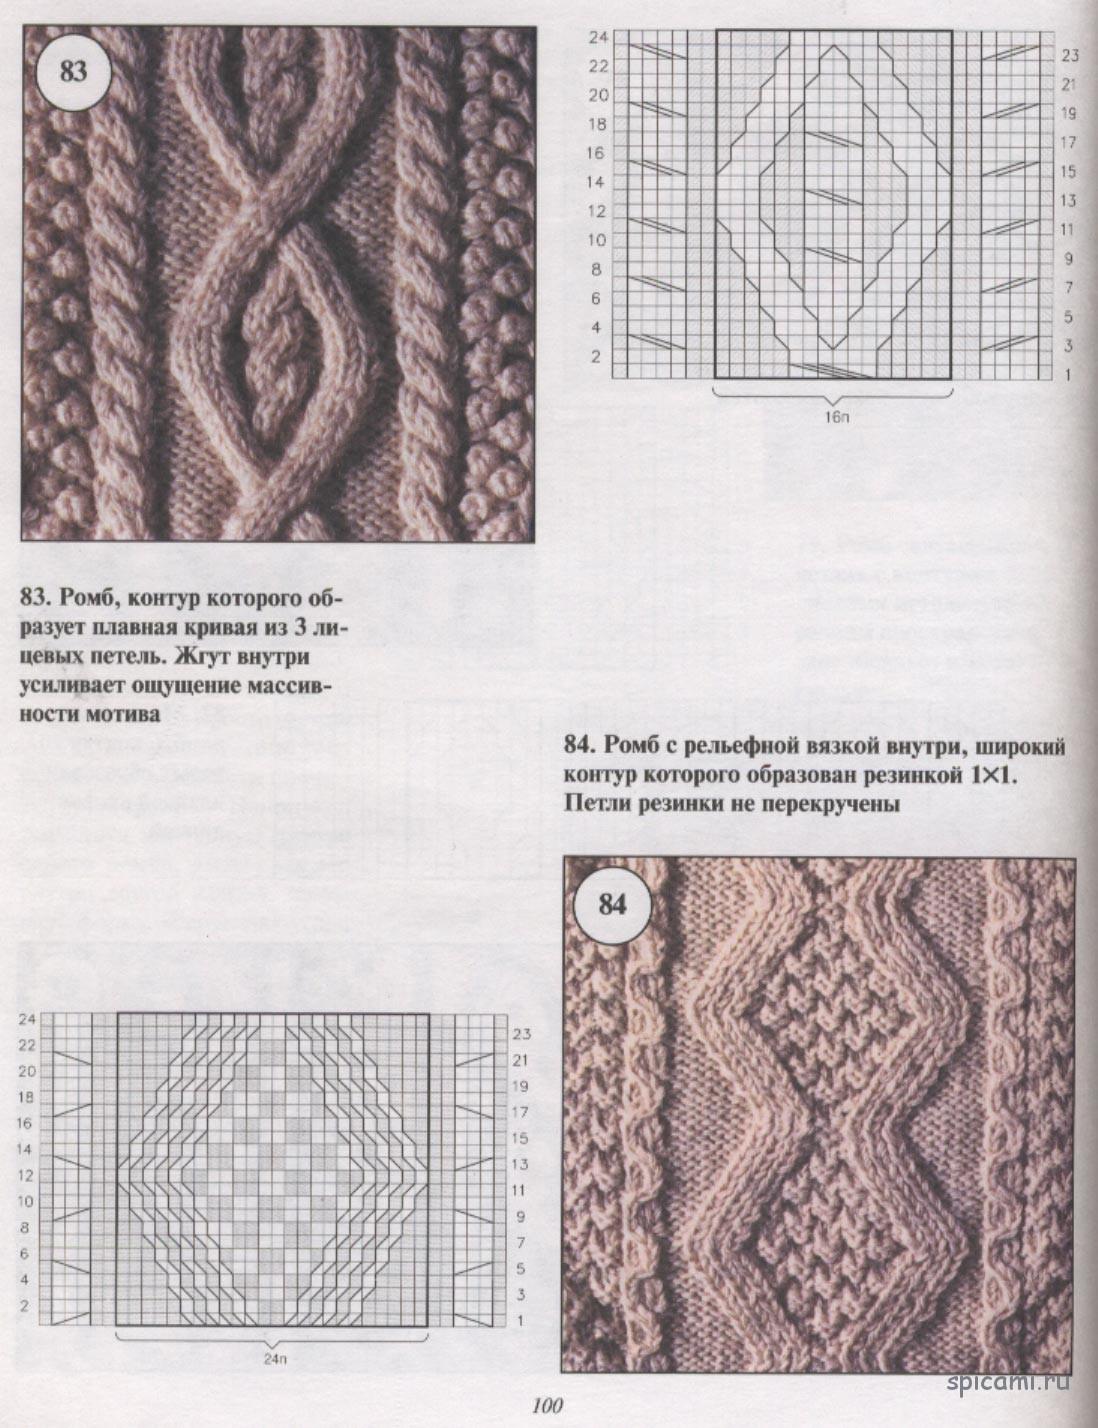 Вязание спицами варежек с узором коса схема